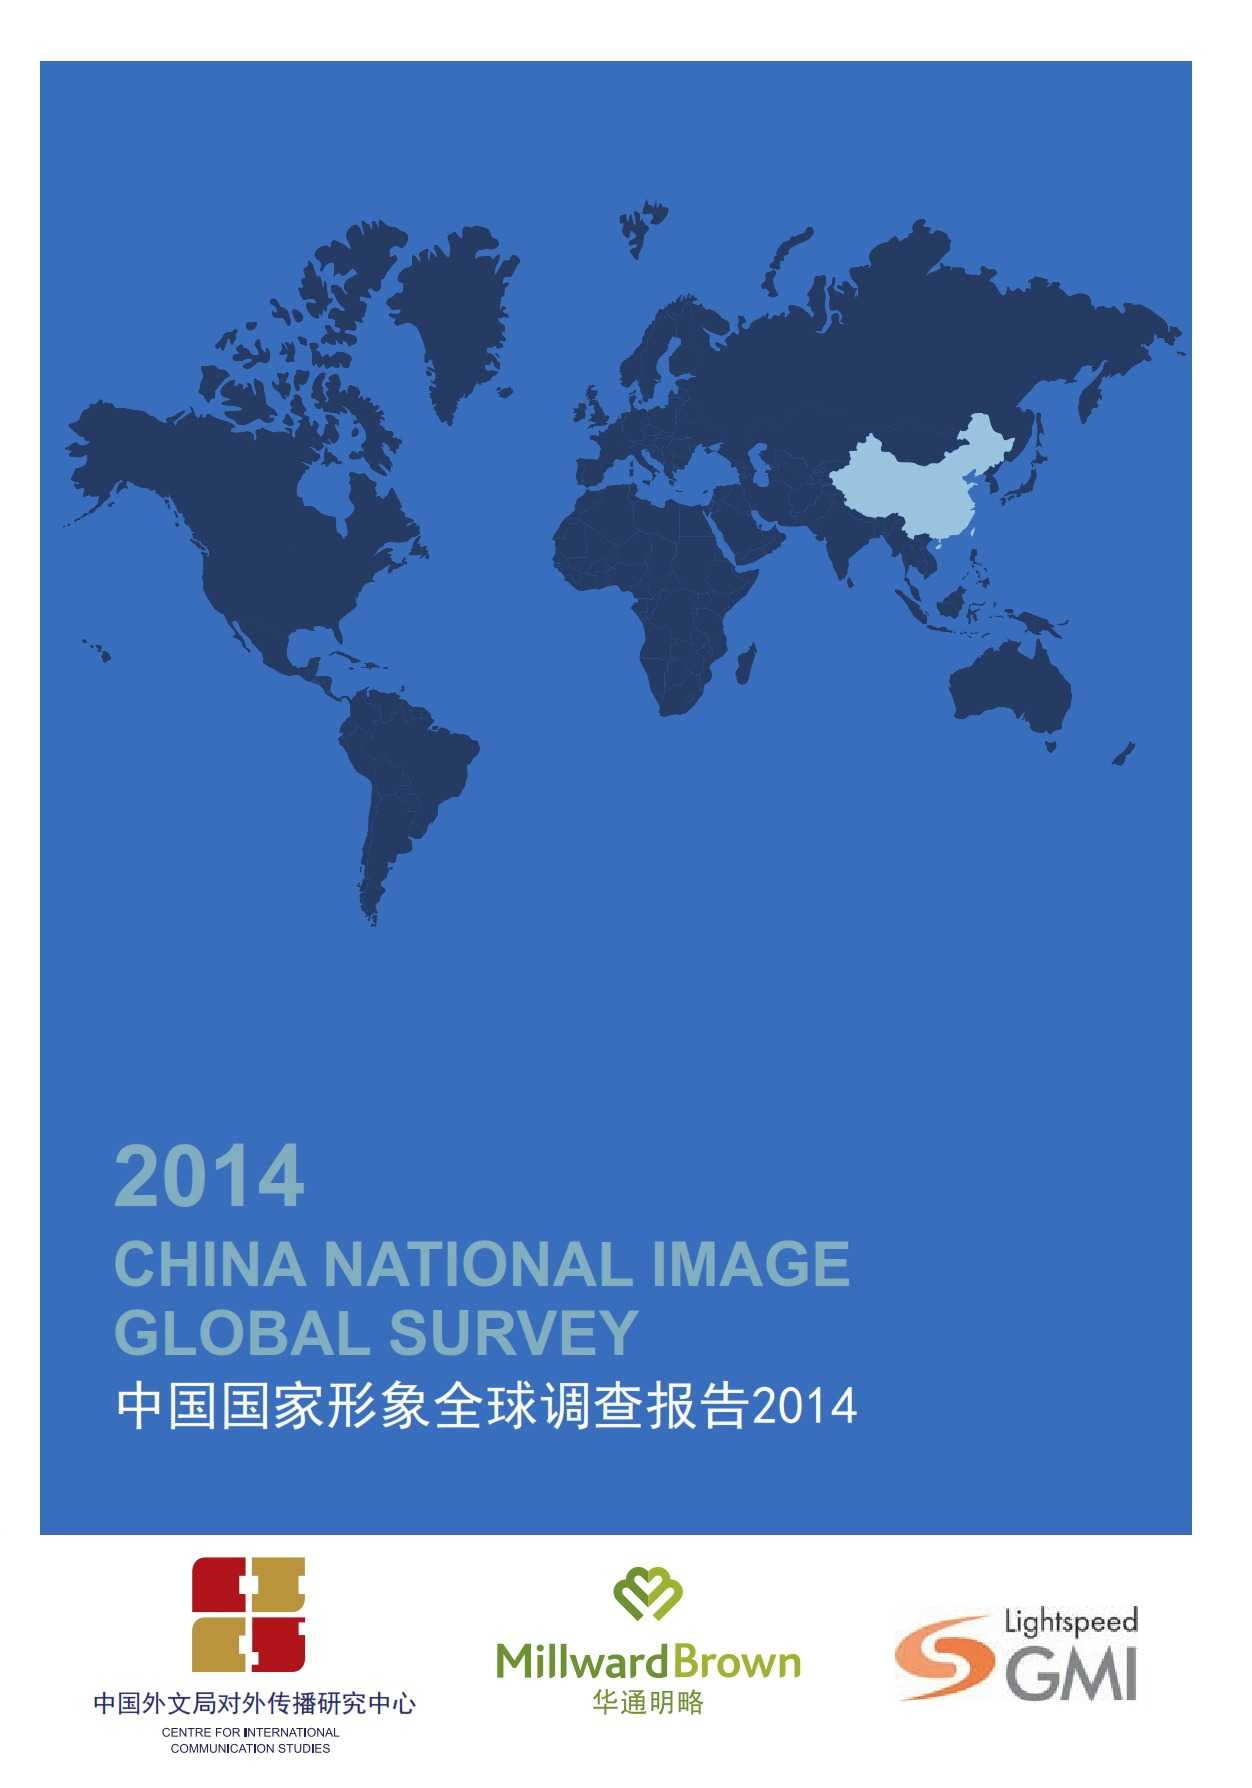 2014中国国家形象全球调查报告-v17_001